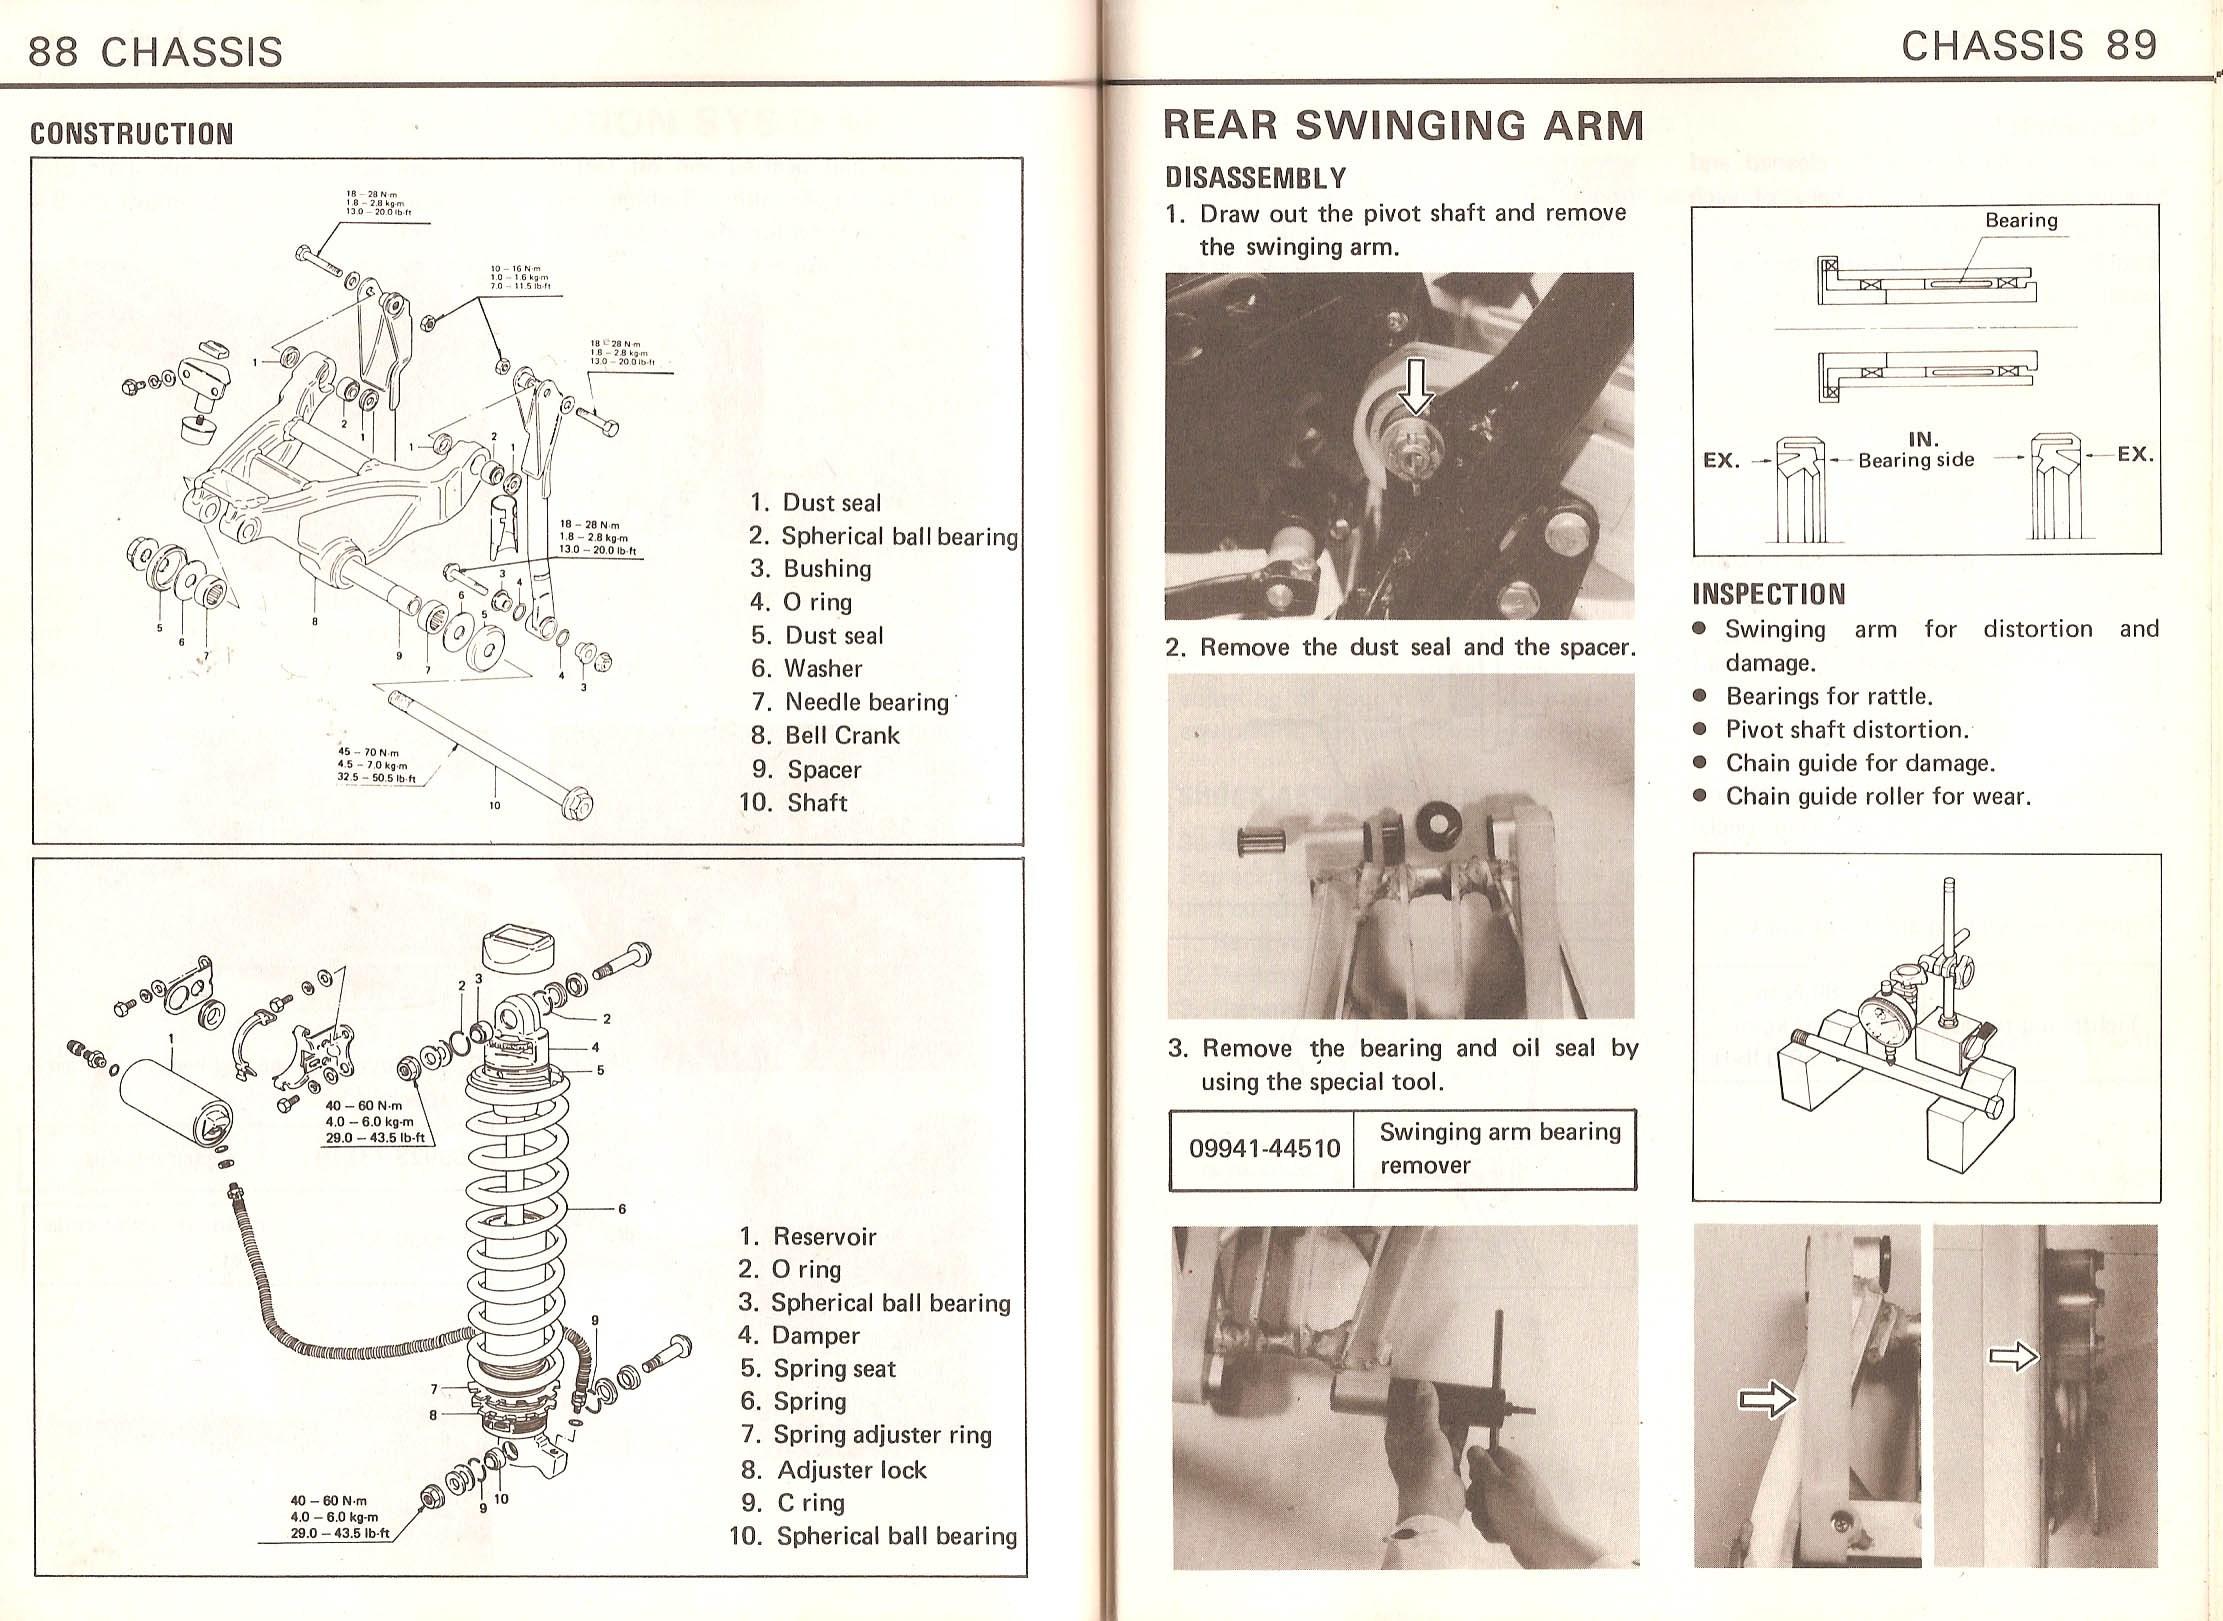 ... Array - 1985 rm 250 wiring diagram wiring diagram sierramichelsslettvet  rh wiringdiagram sierramichelsslettvet com